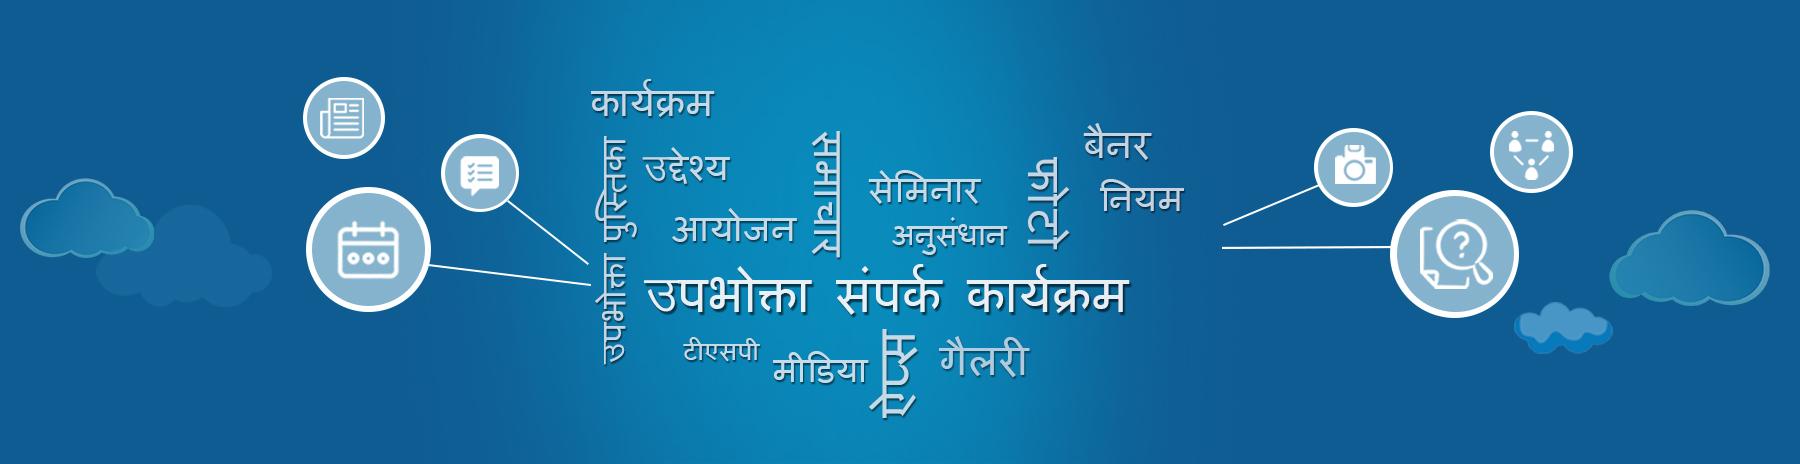 Consumer Outreach Programme Hindi